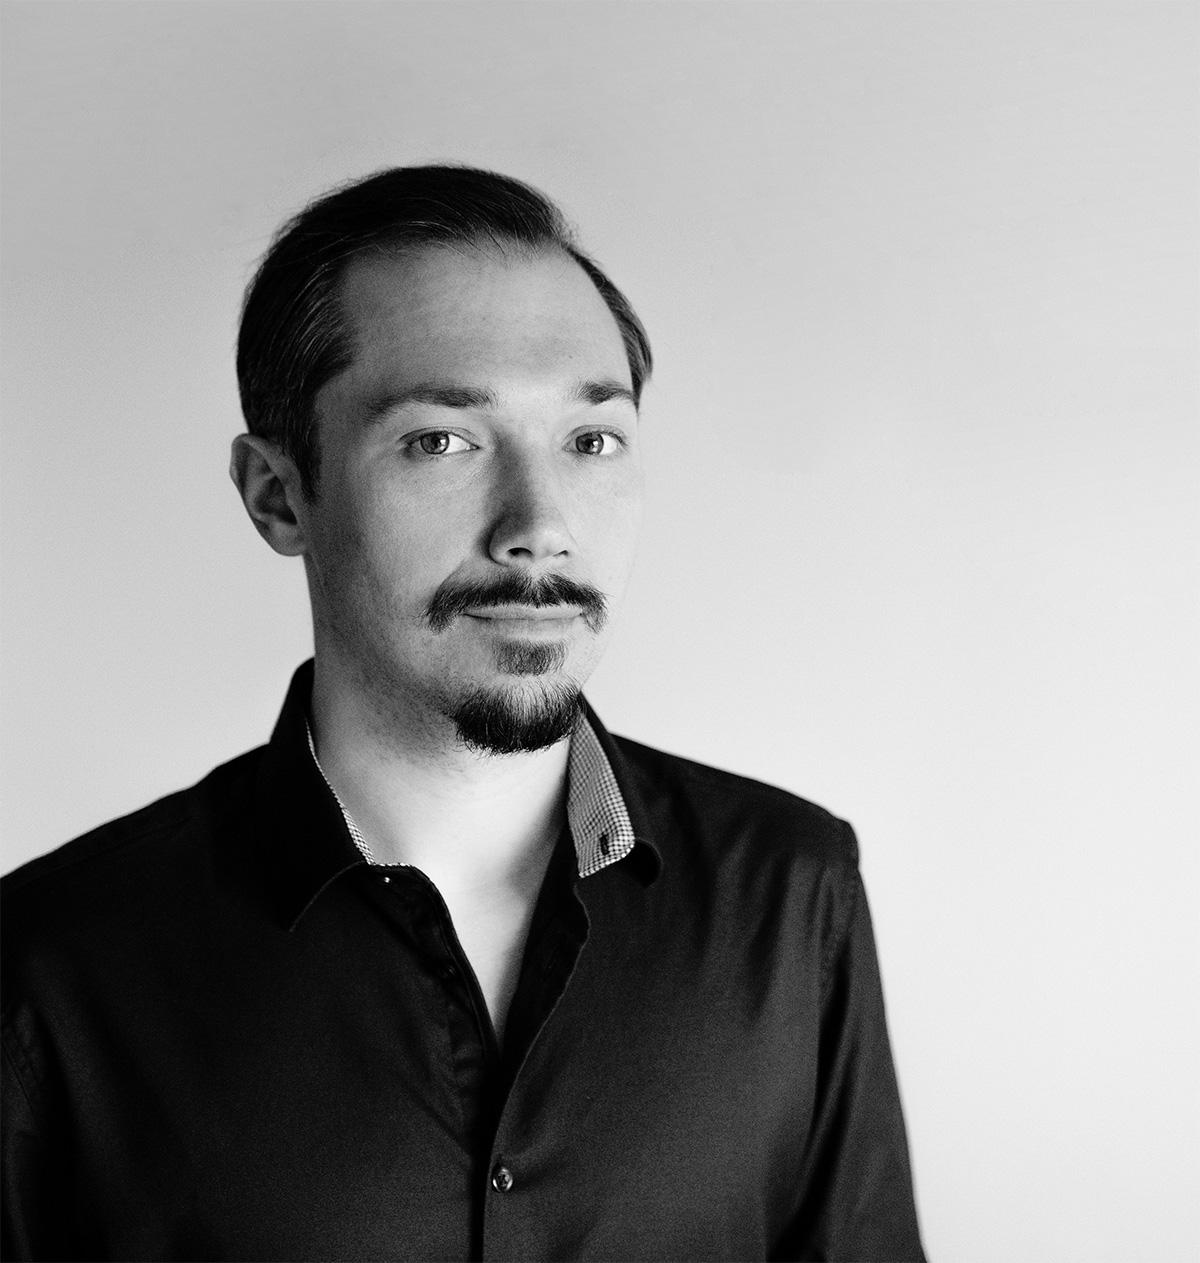 Portrait des Conversory Mitarbeiters Johannes Haberl